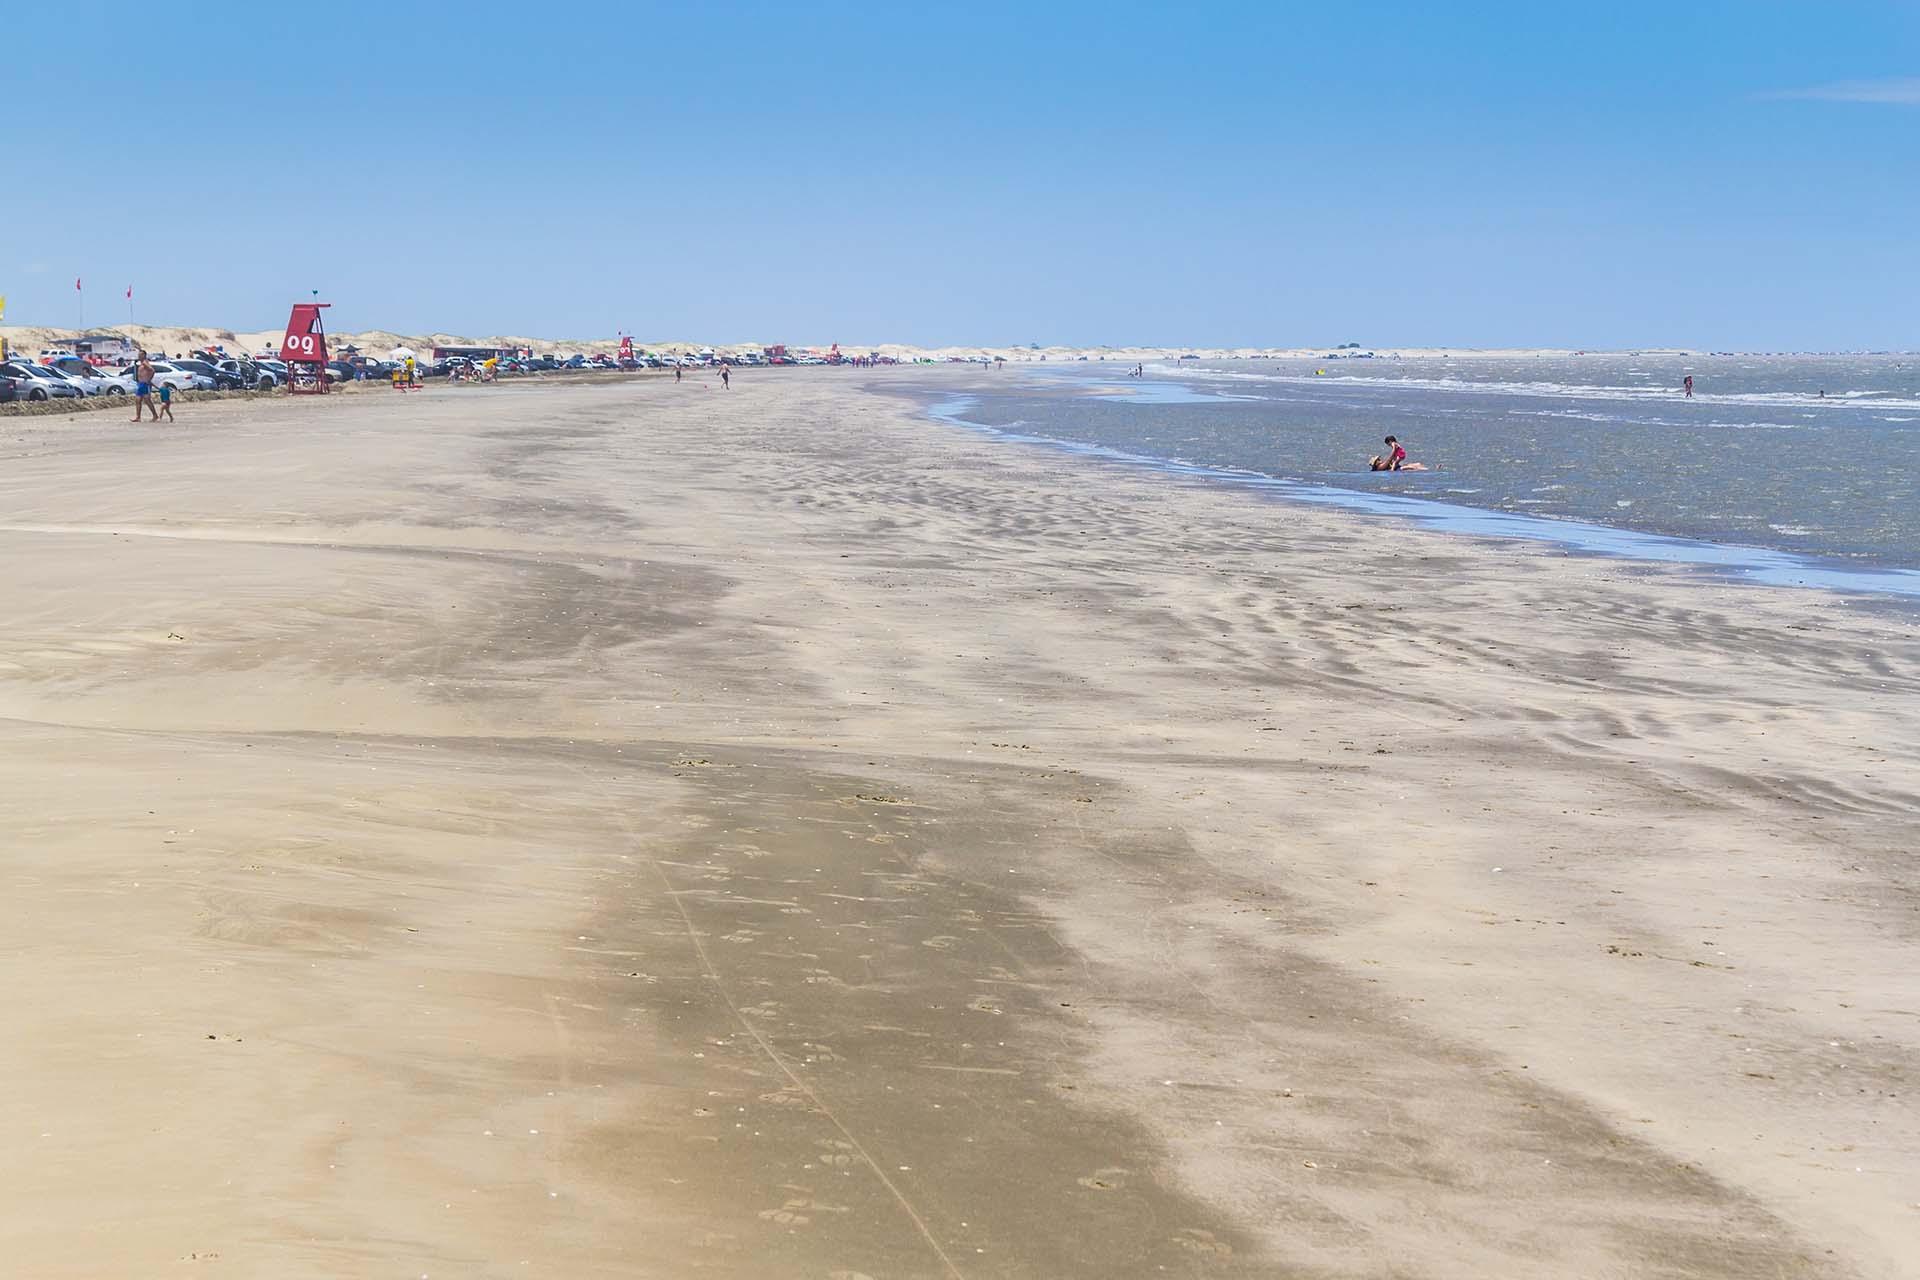 Brasil es el hogar de la playa más larga del mundo, la playa Praia do Cassino en el estado de Rio Grande do Sul. Se encuentra en la costa sur de Brasil, frente al Océano Atlántico Sur, mide 250 kilómetros interrumpidos y se extiende desde Río Grande hasta la frontera con Uruguay